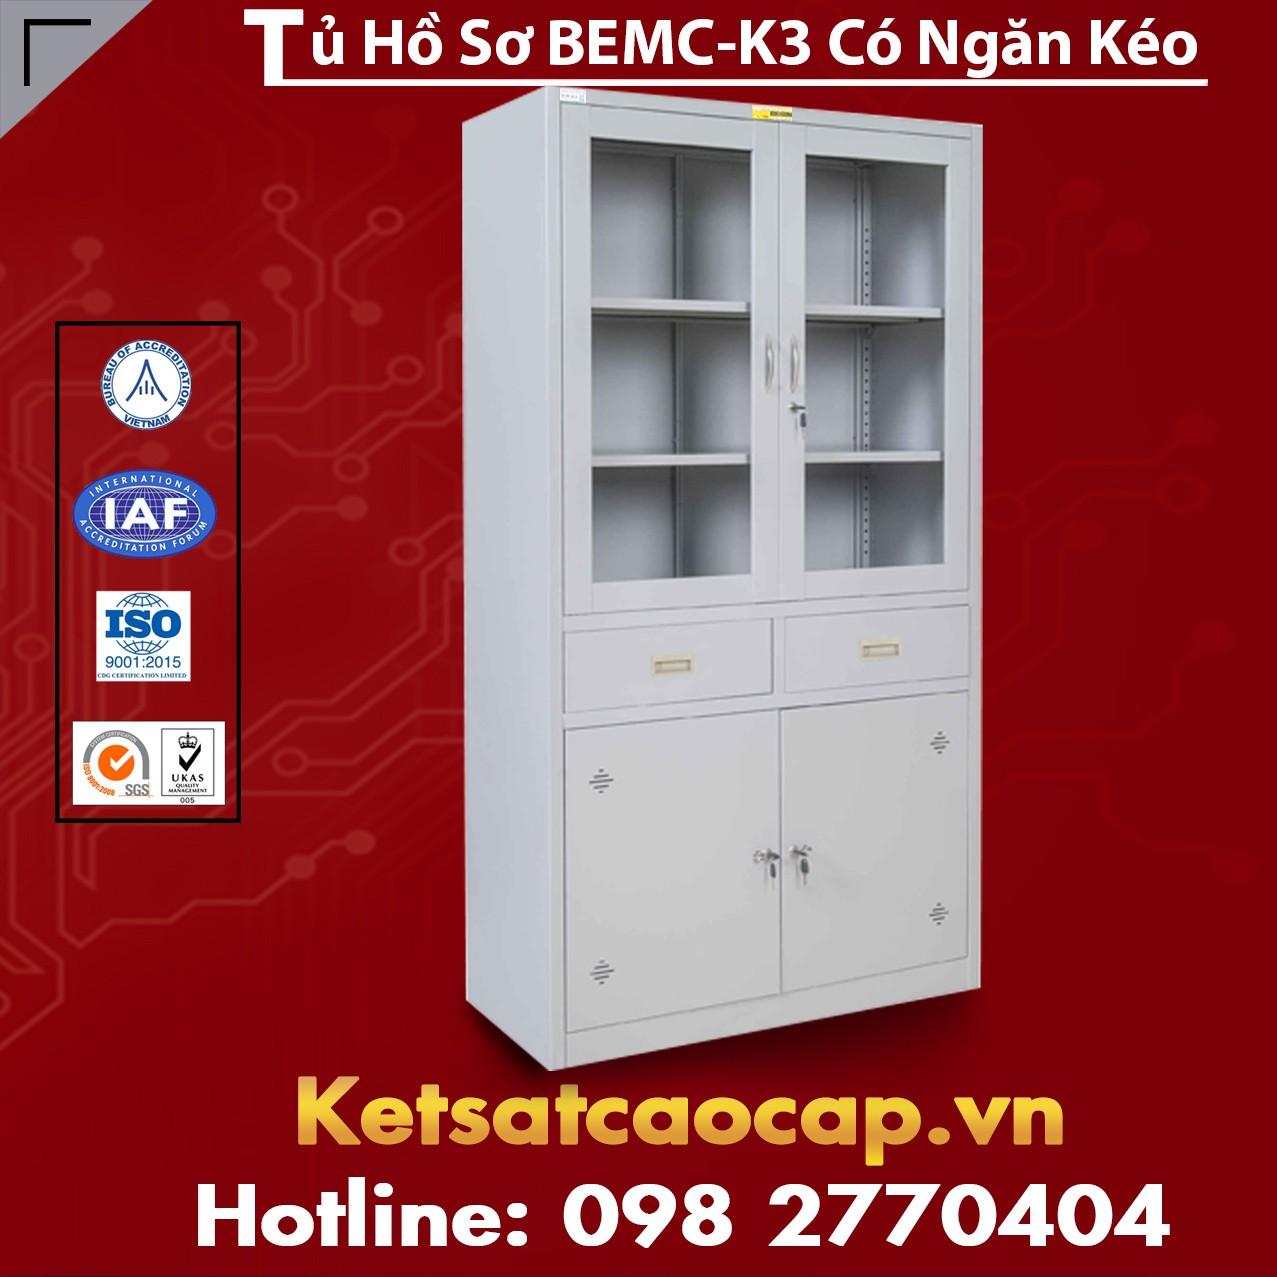 Tủ Hồ Sơ BEMC K3 Có Ngăn Kéo